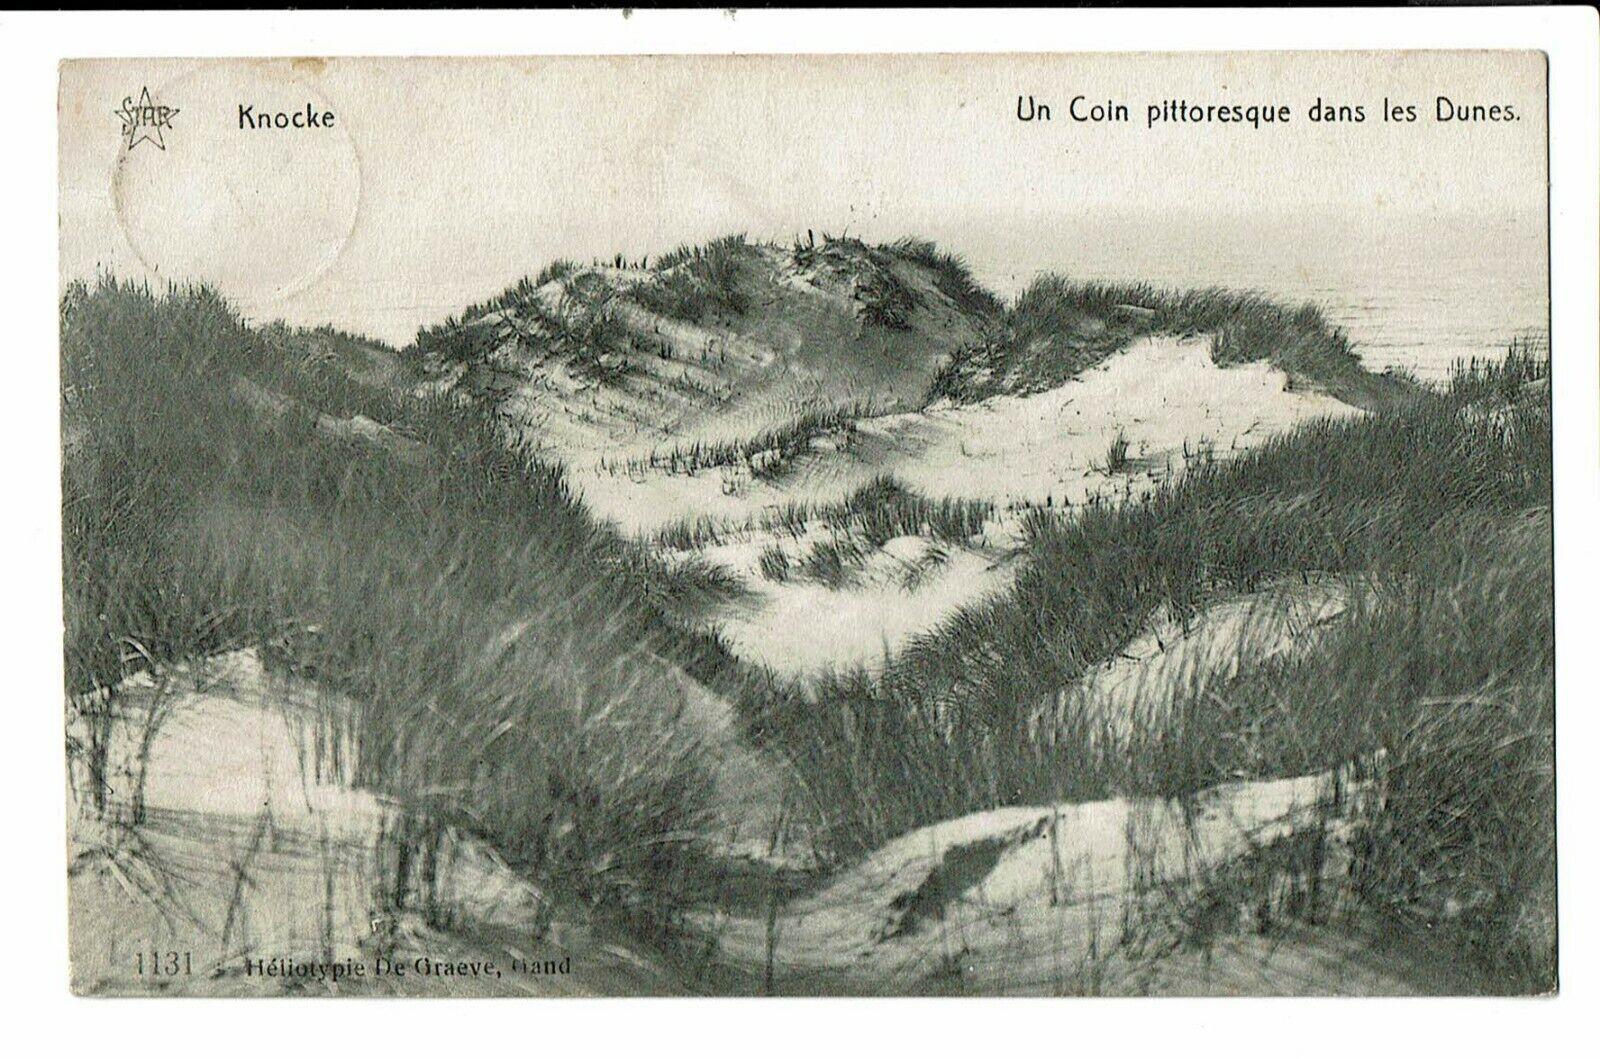 CPA - Carte postale- Belgique -Knokke- Coin Pittoresque dans les dunes-1911-  VM